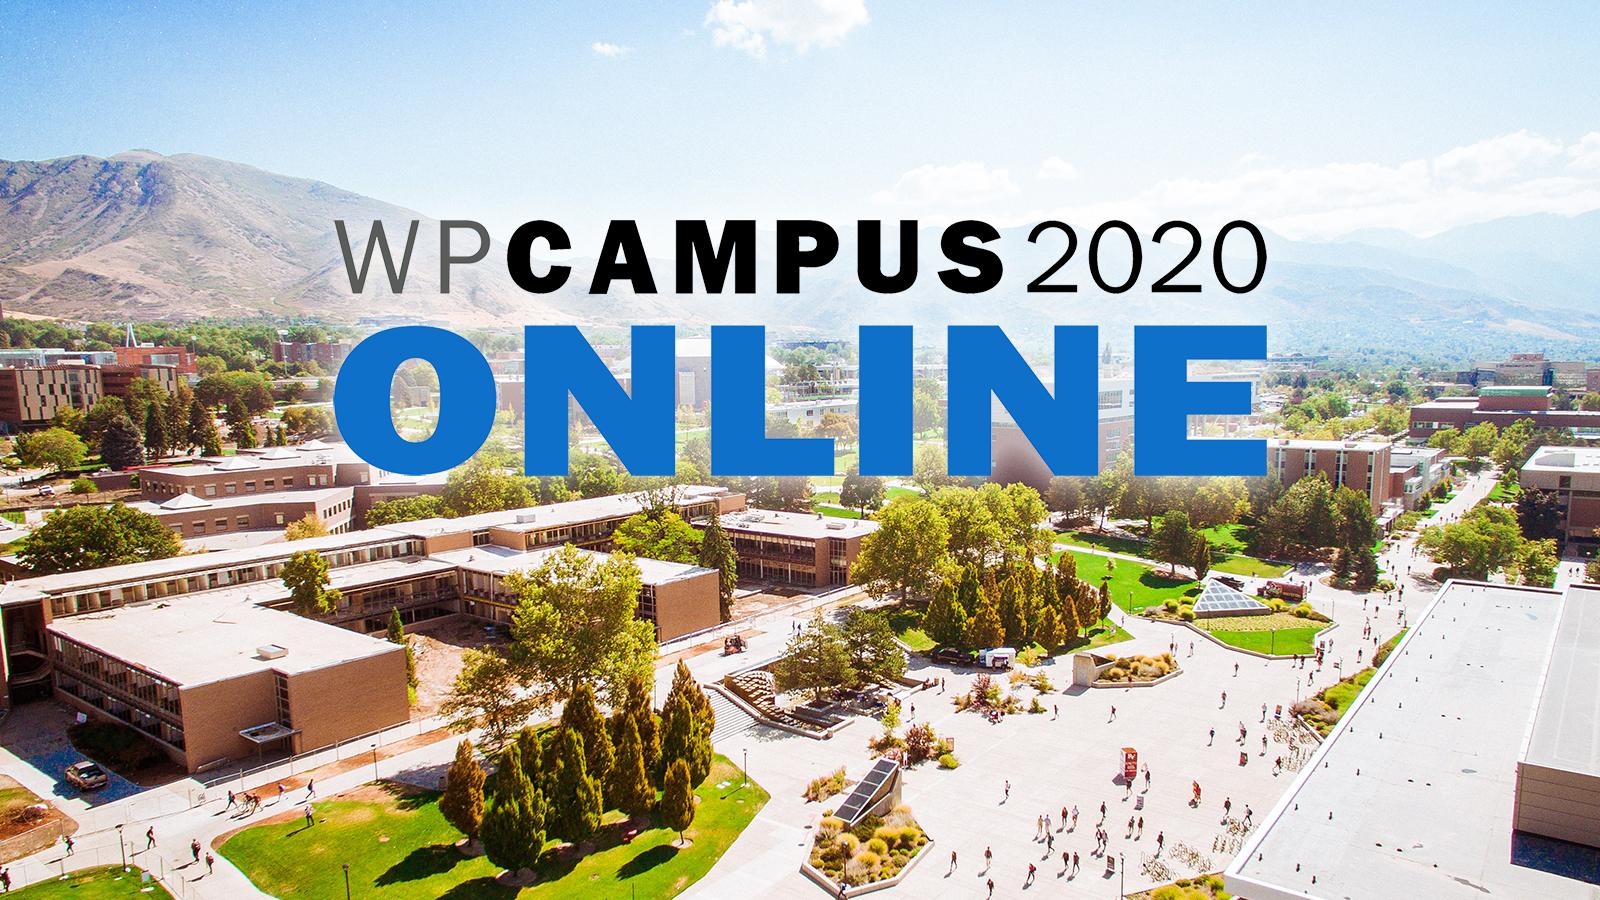 WPCampus 2020